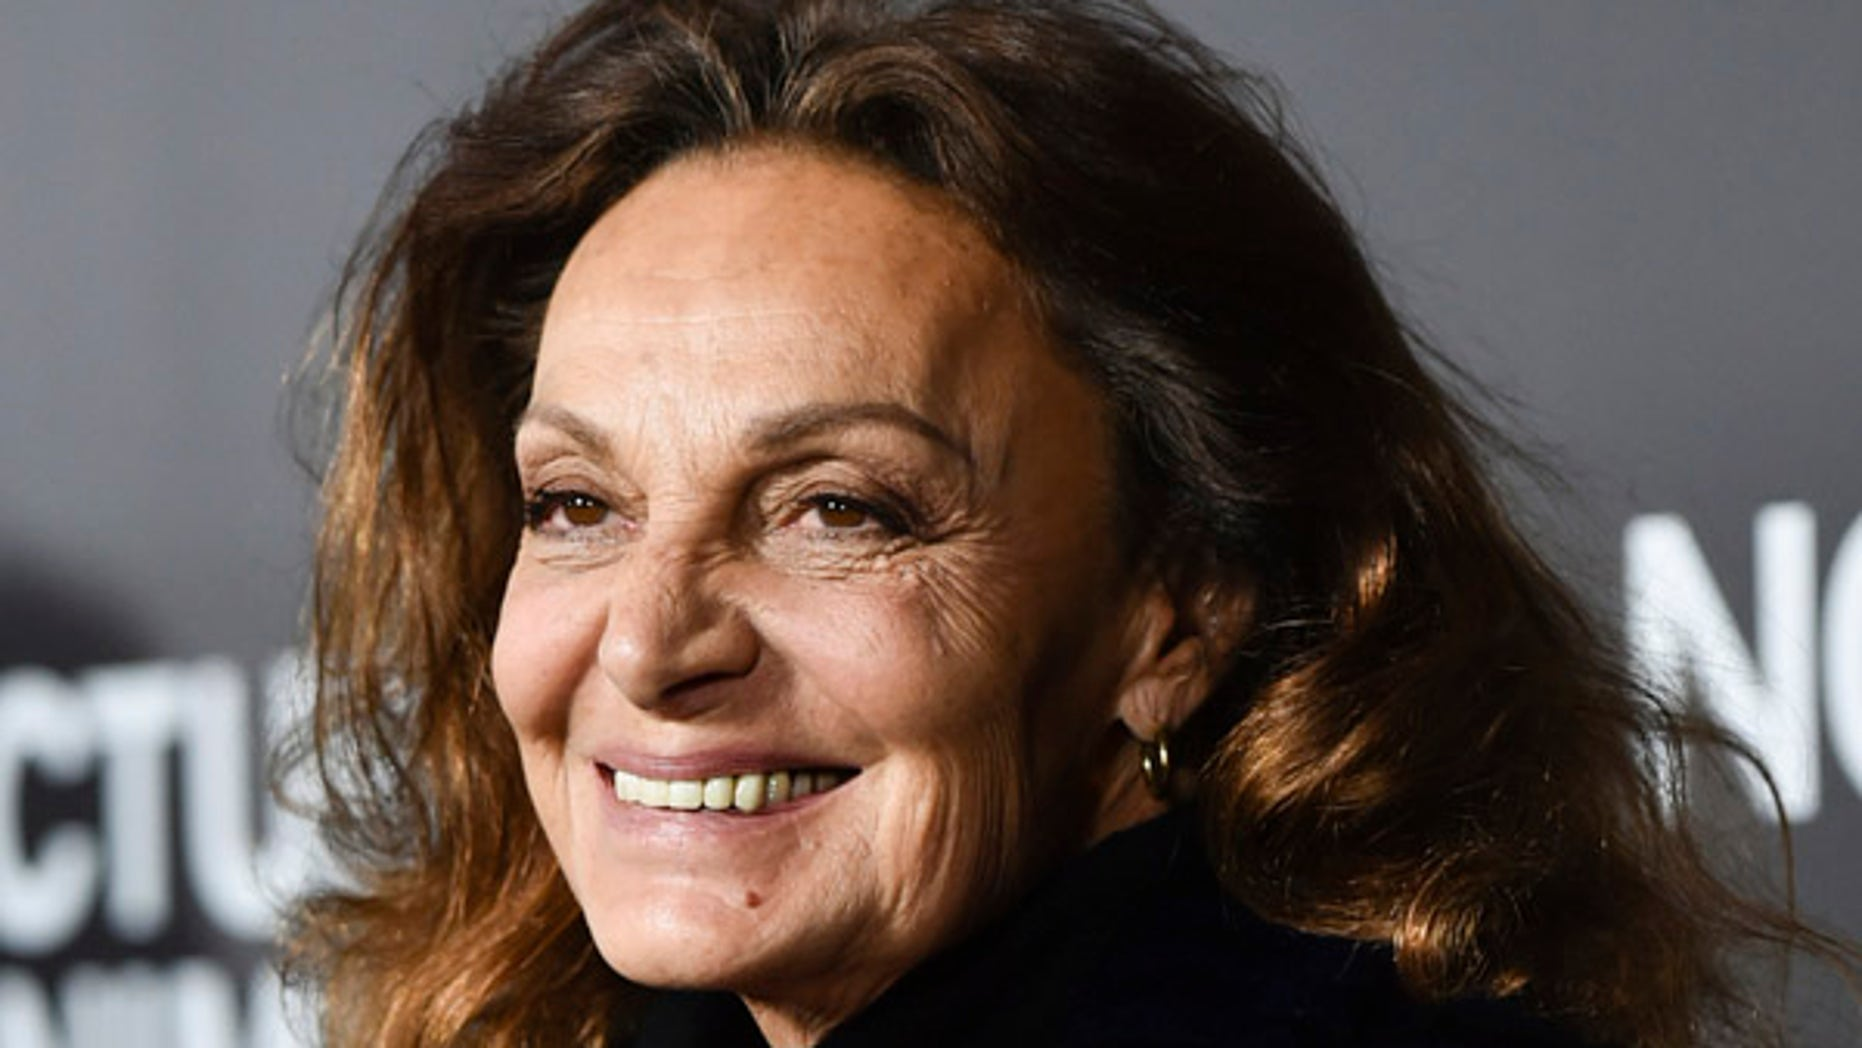 Diane von Furstenberg is seen in this file photo.